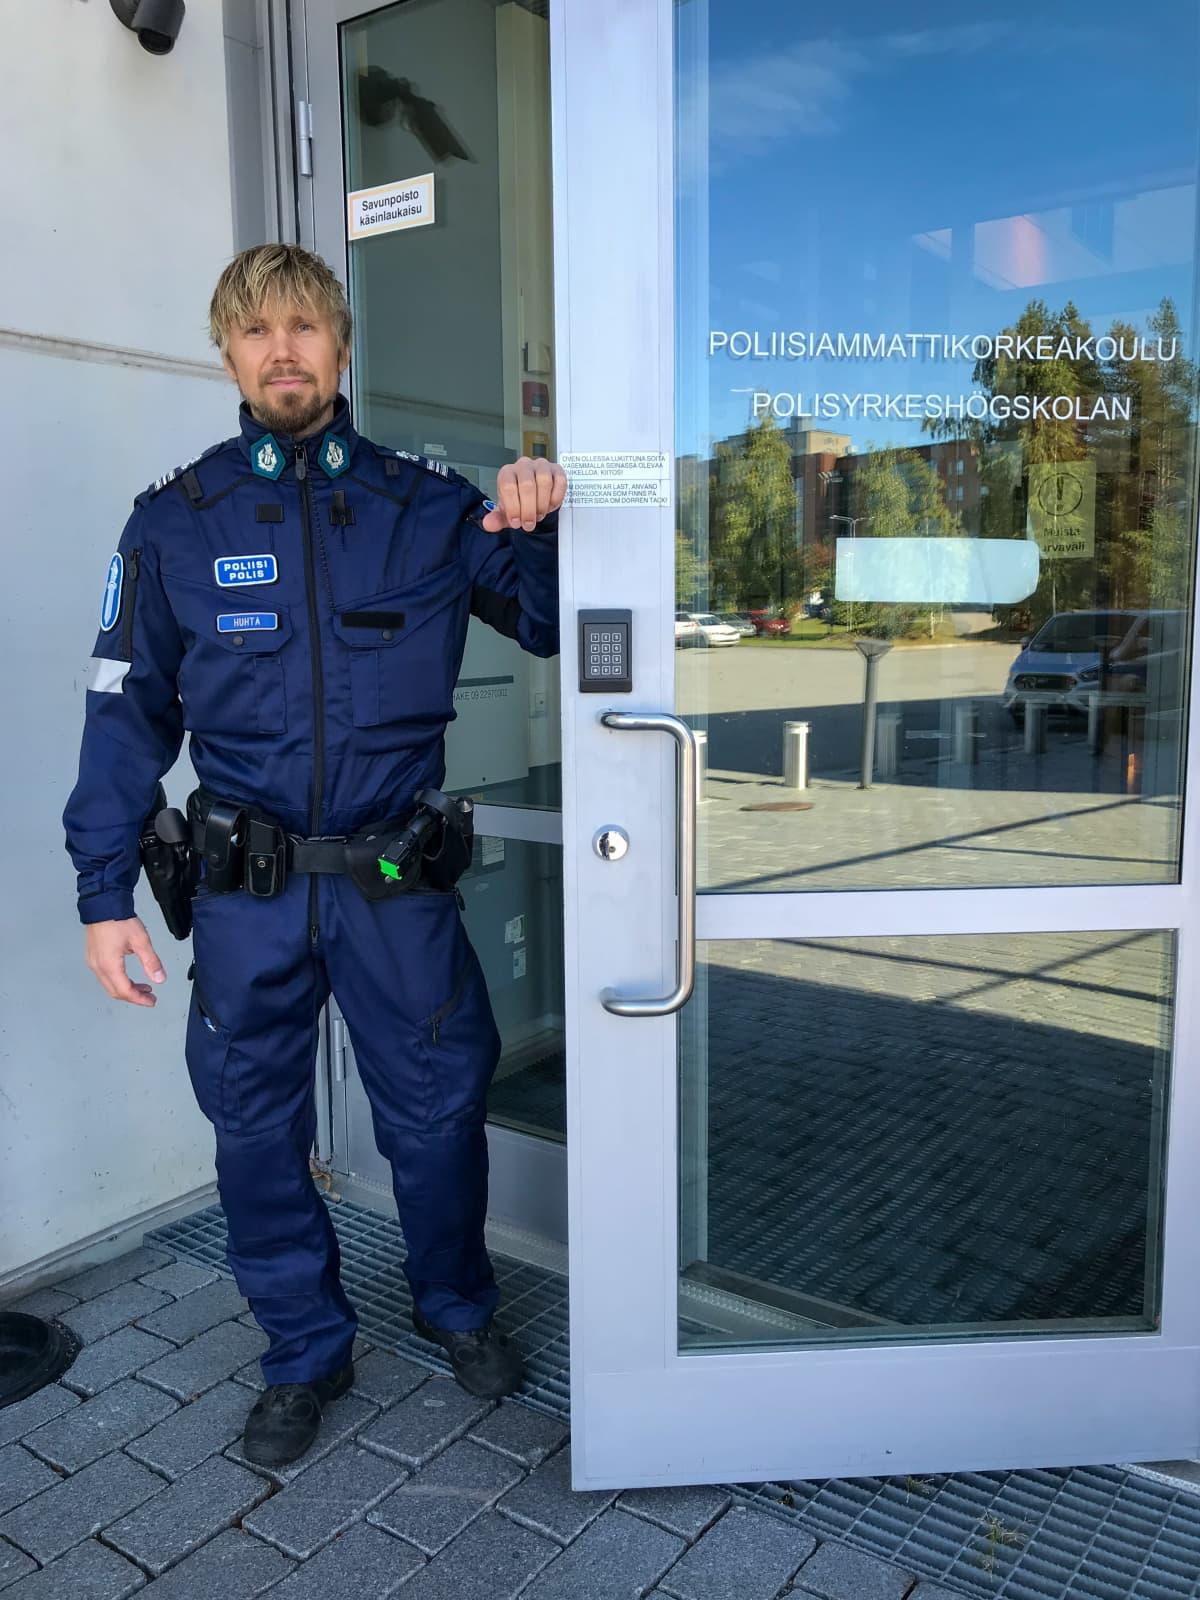 Juha-Matti Huhta